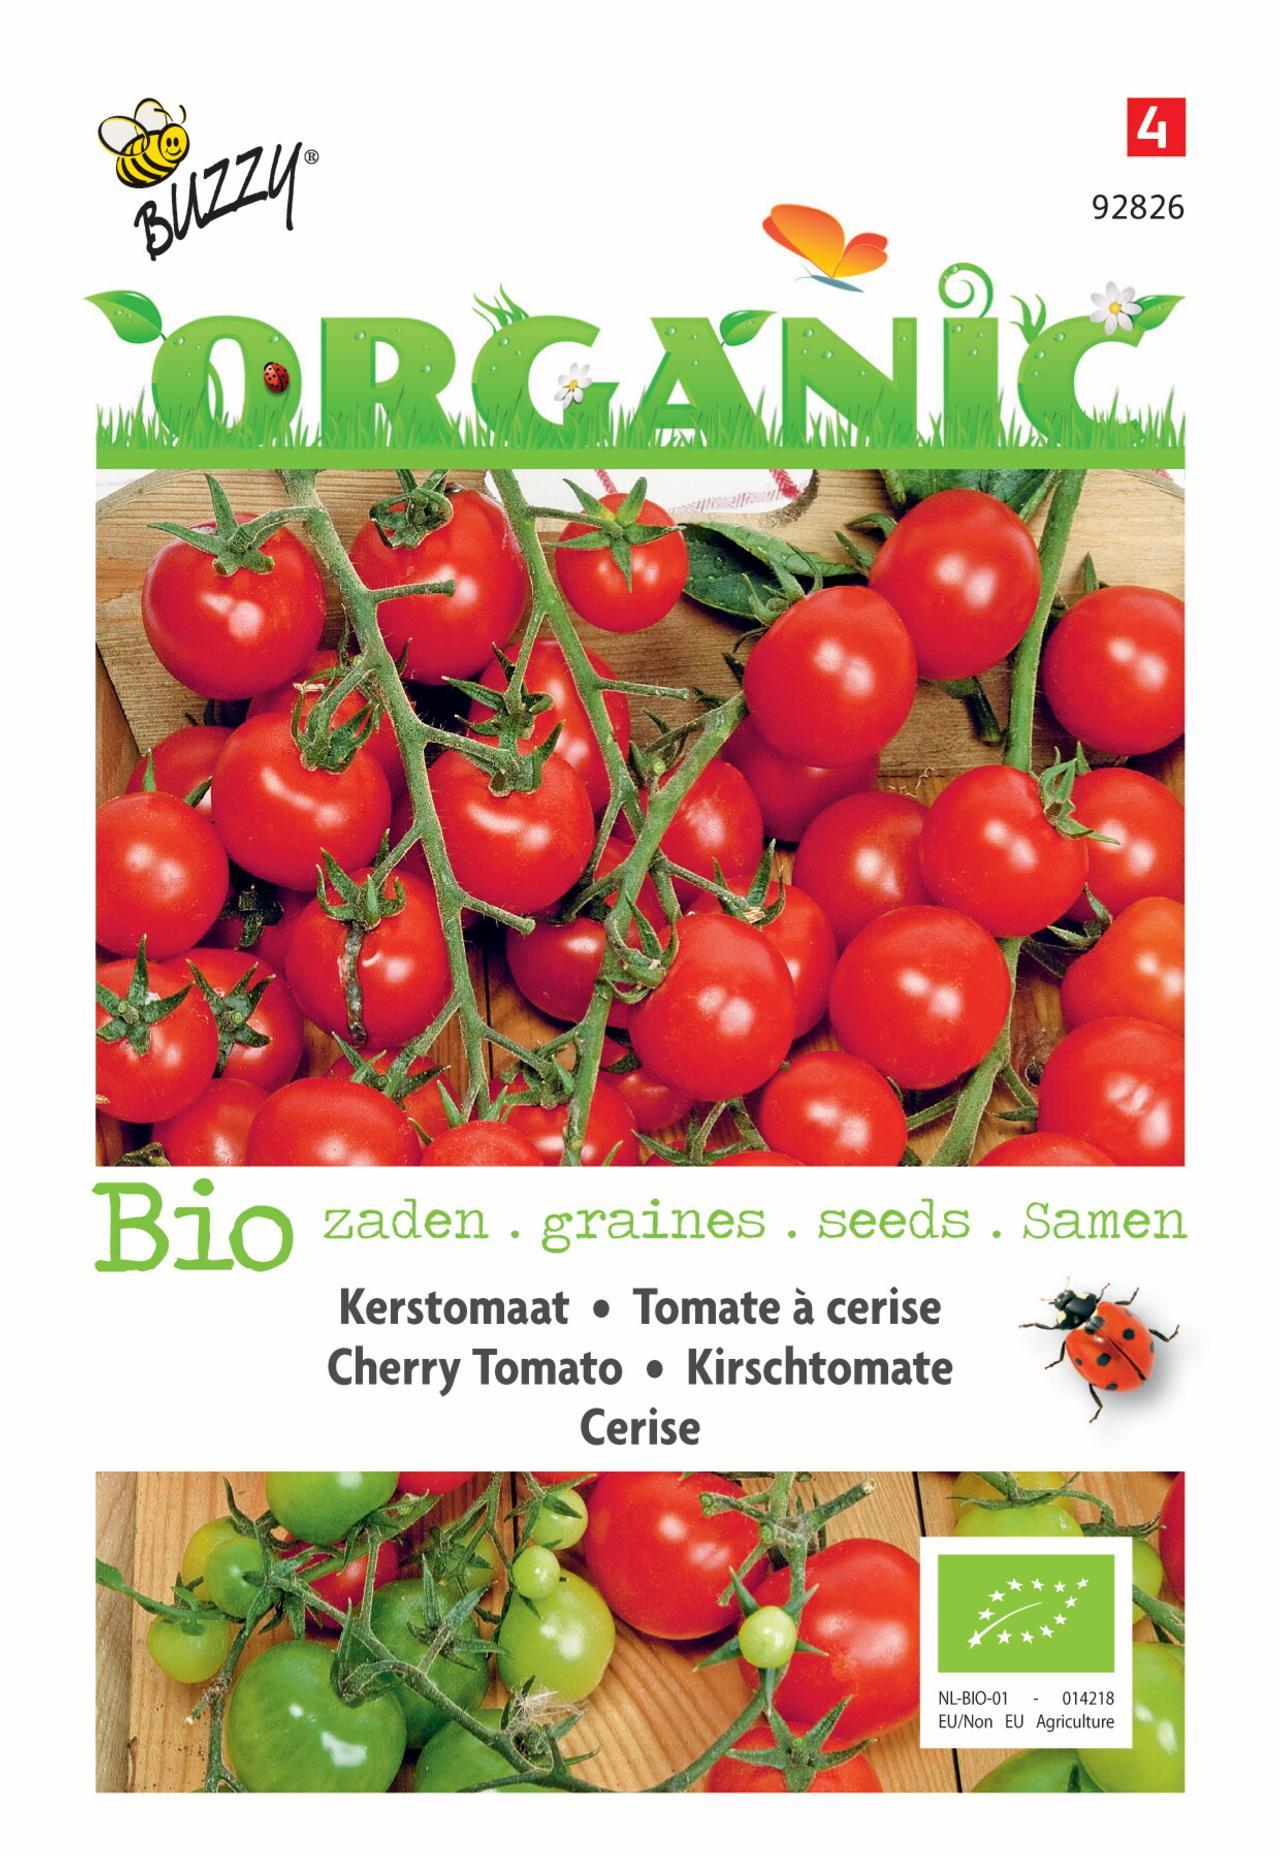 Solanum lycopersicum 'Cerise' (BIO) plant